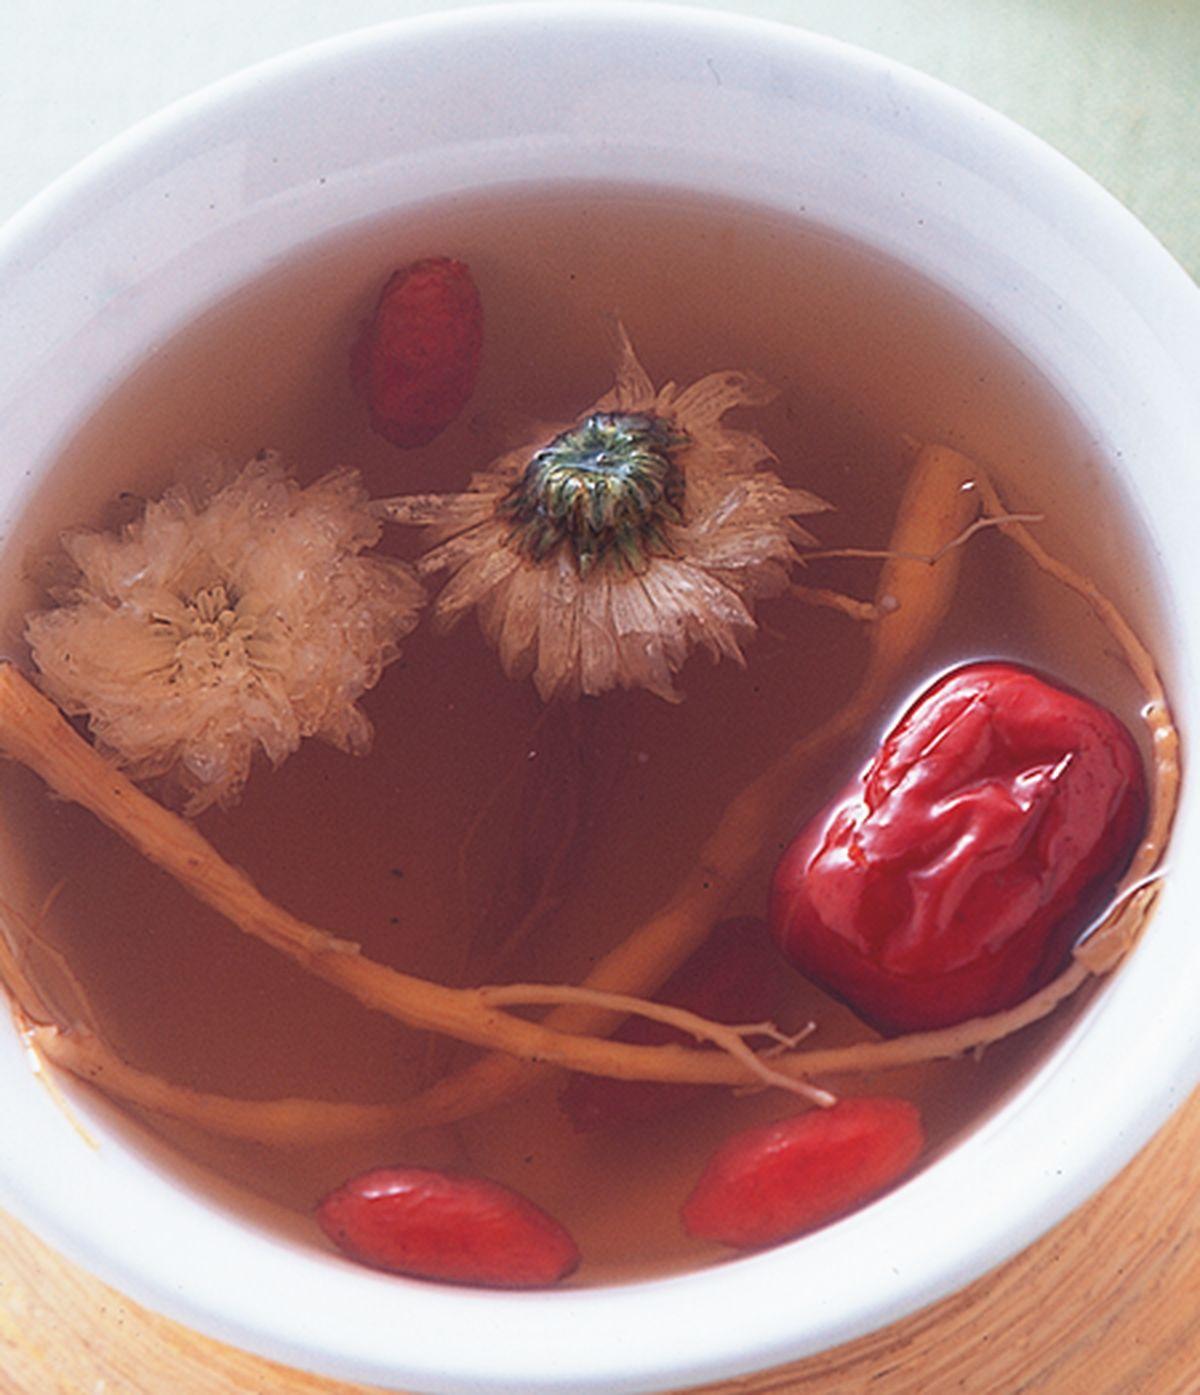 食譜:參鬚紅棗茶